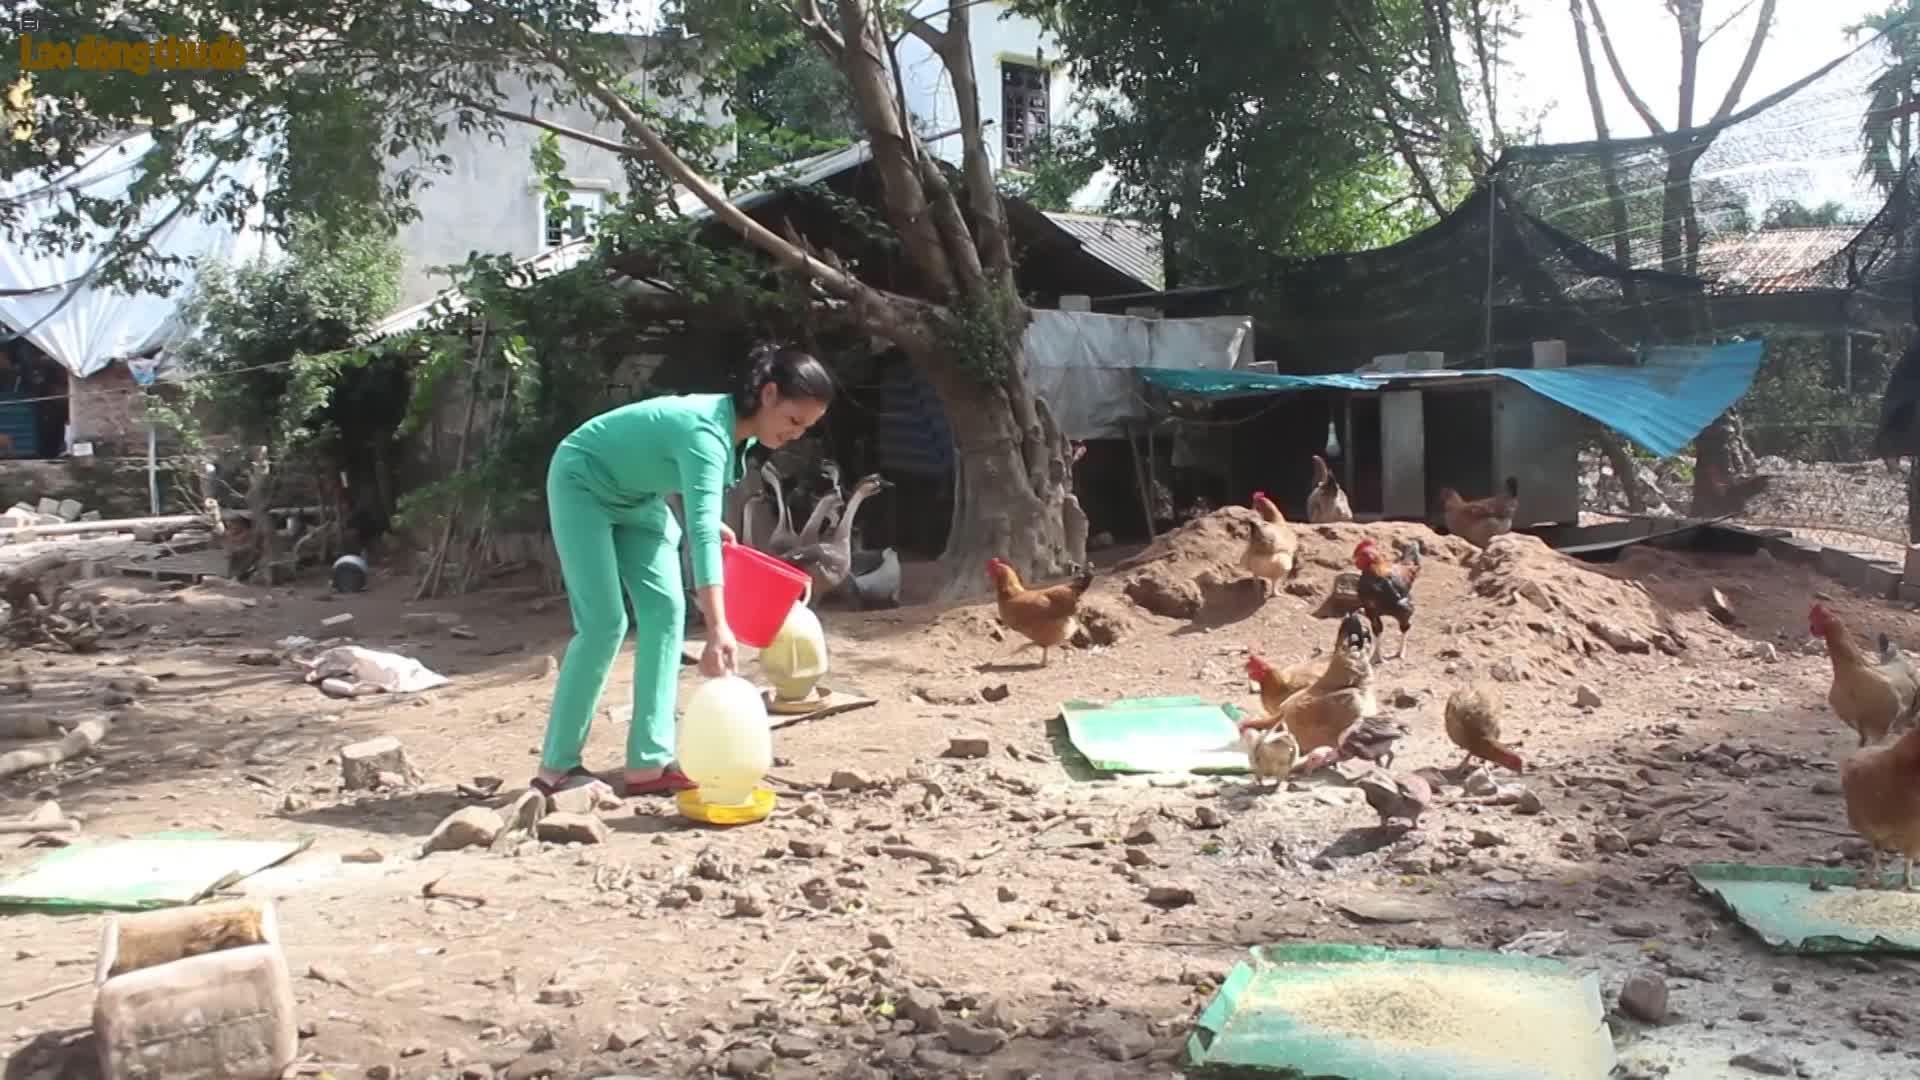 Quỹ Trợ vốn công nhân viên chức lao động nghèo Thủ đô phát triển kinh tế gia đình: Tạo kế sinh nhai bền vững cho đoàn viên công đoàn